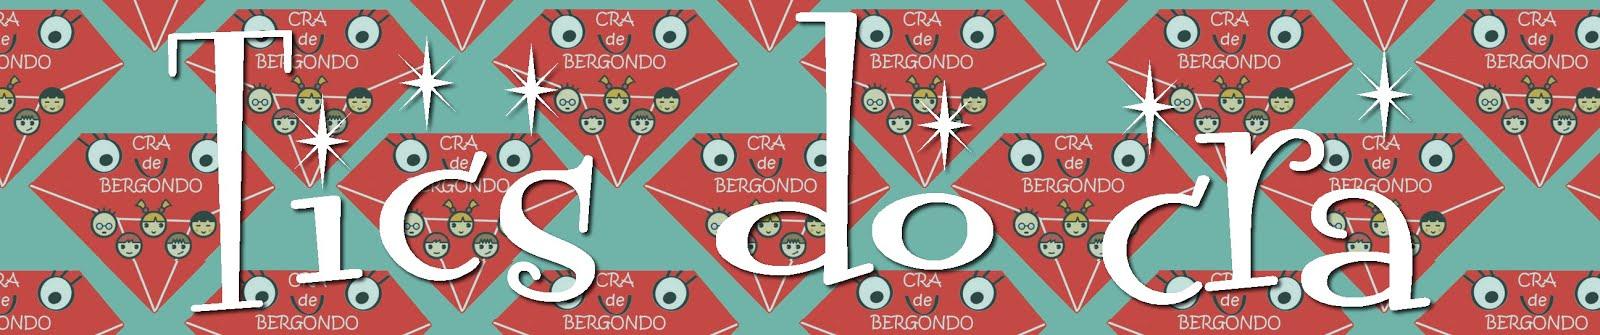 TICs CRA de Bergondo